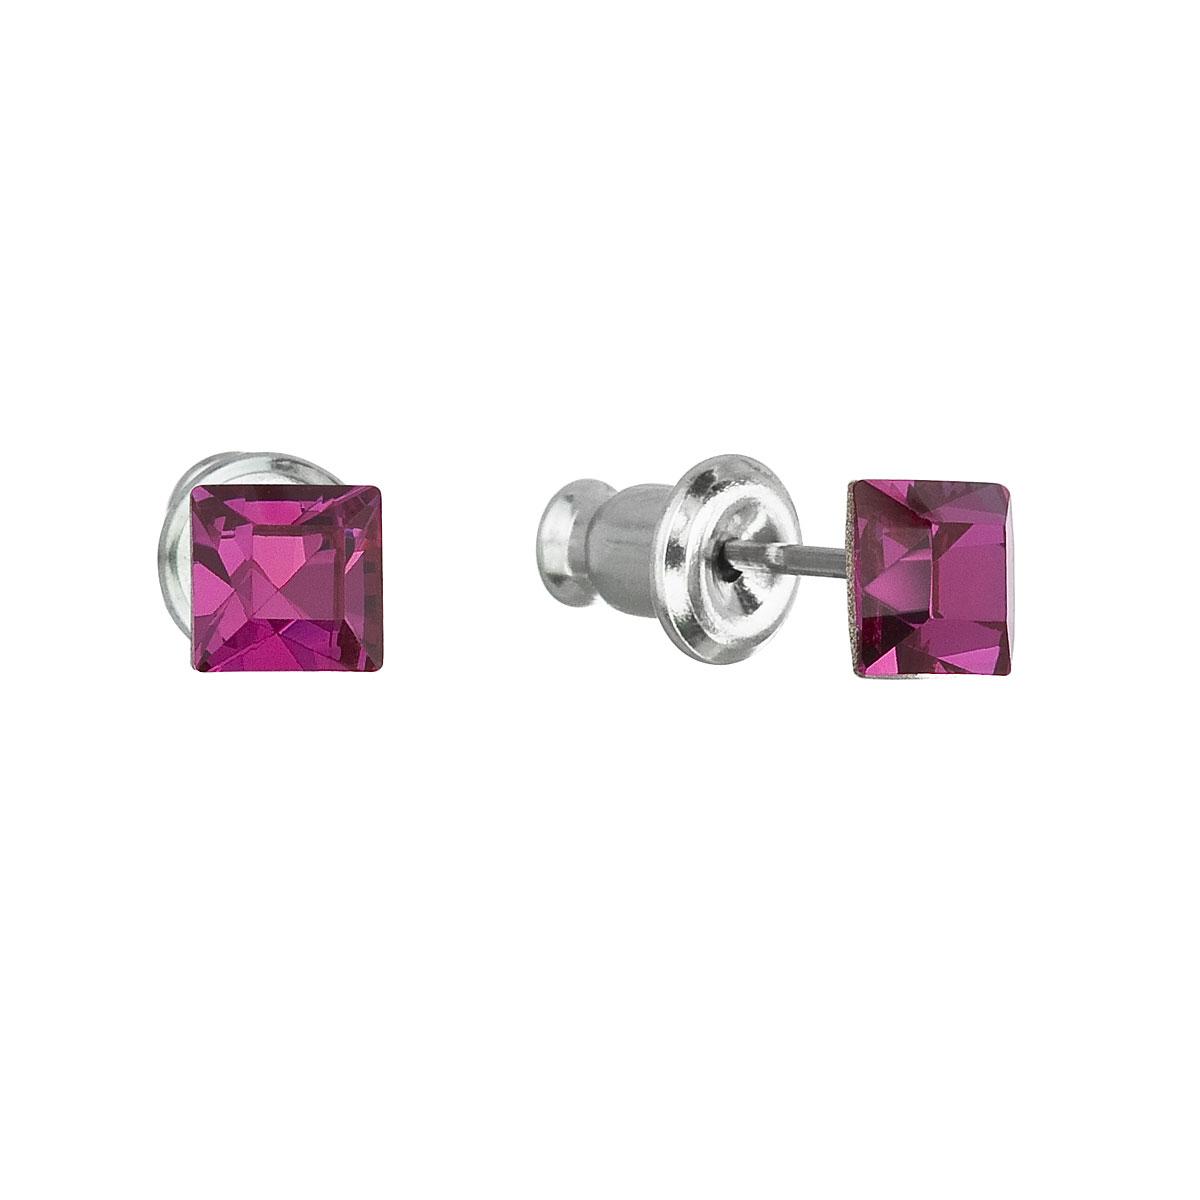 Evolution Group Náušnice se Swarovski krystaly růžová čtverec 51052.3 fuchsia